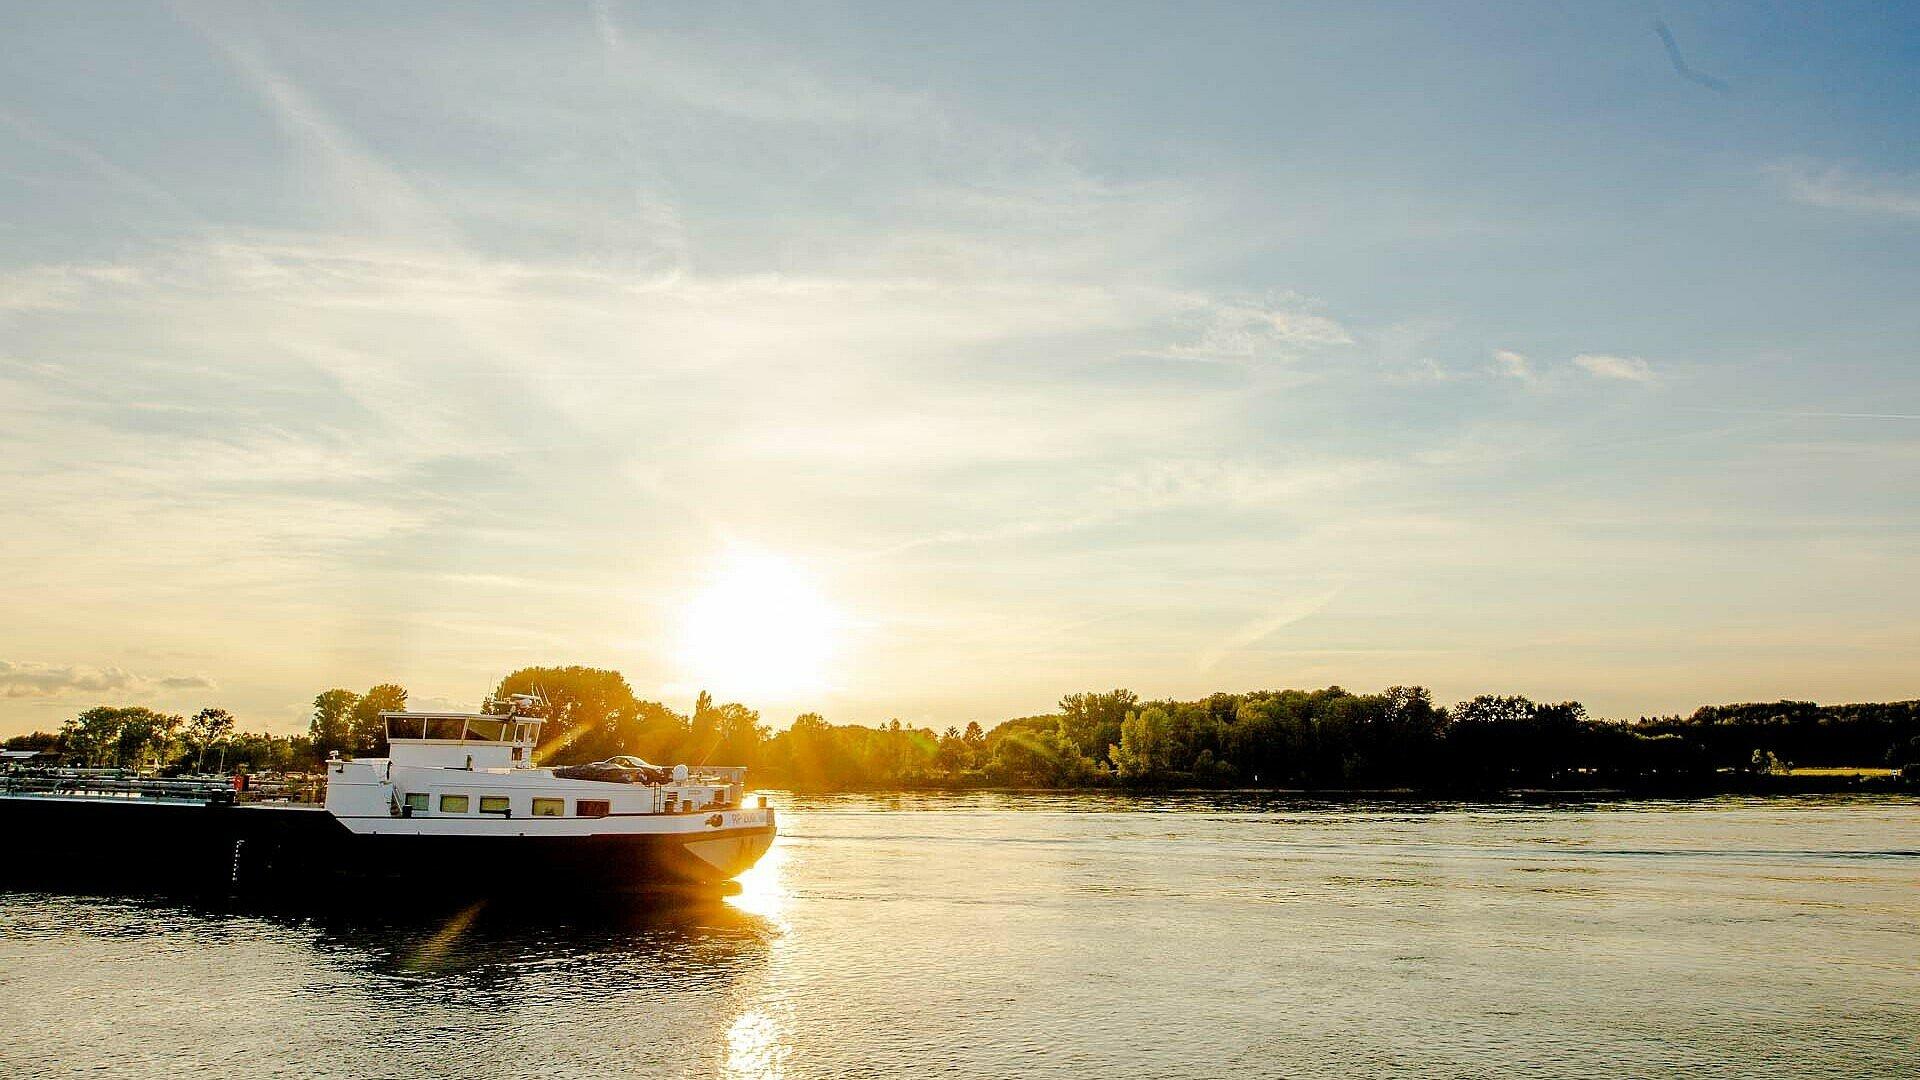 Der Sonnenuntergang am Porzer Rheinufer ist besonders schön